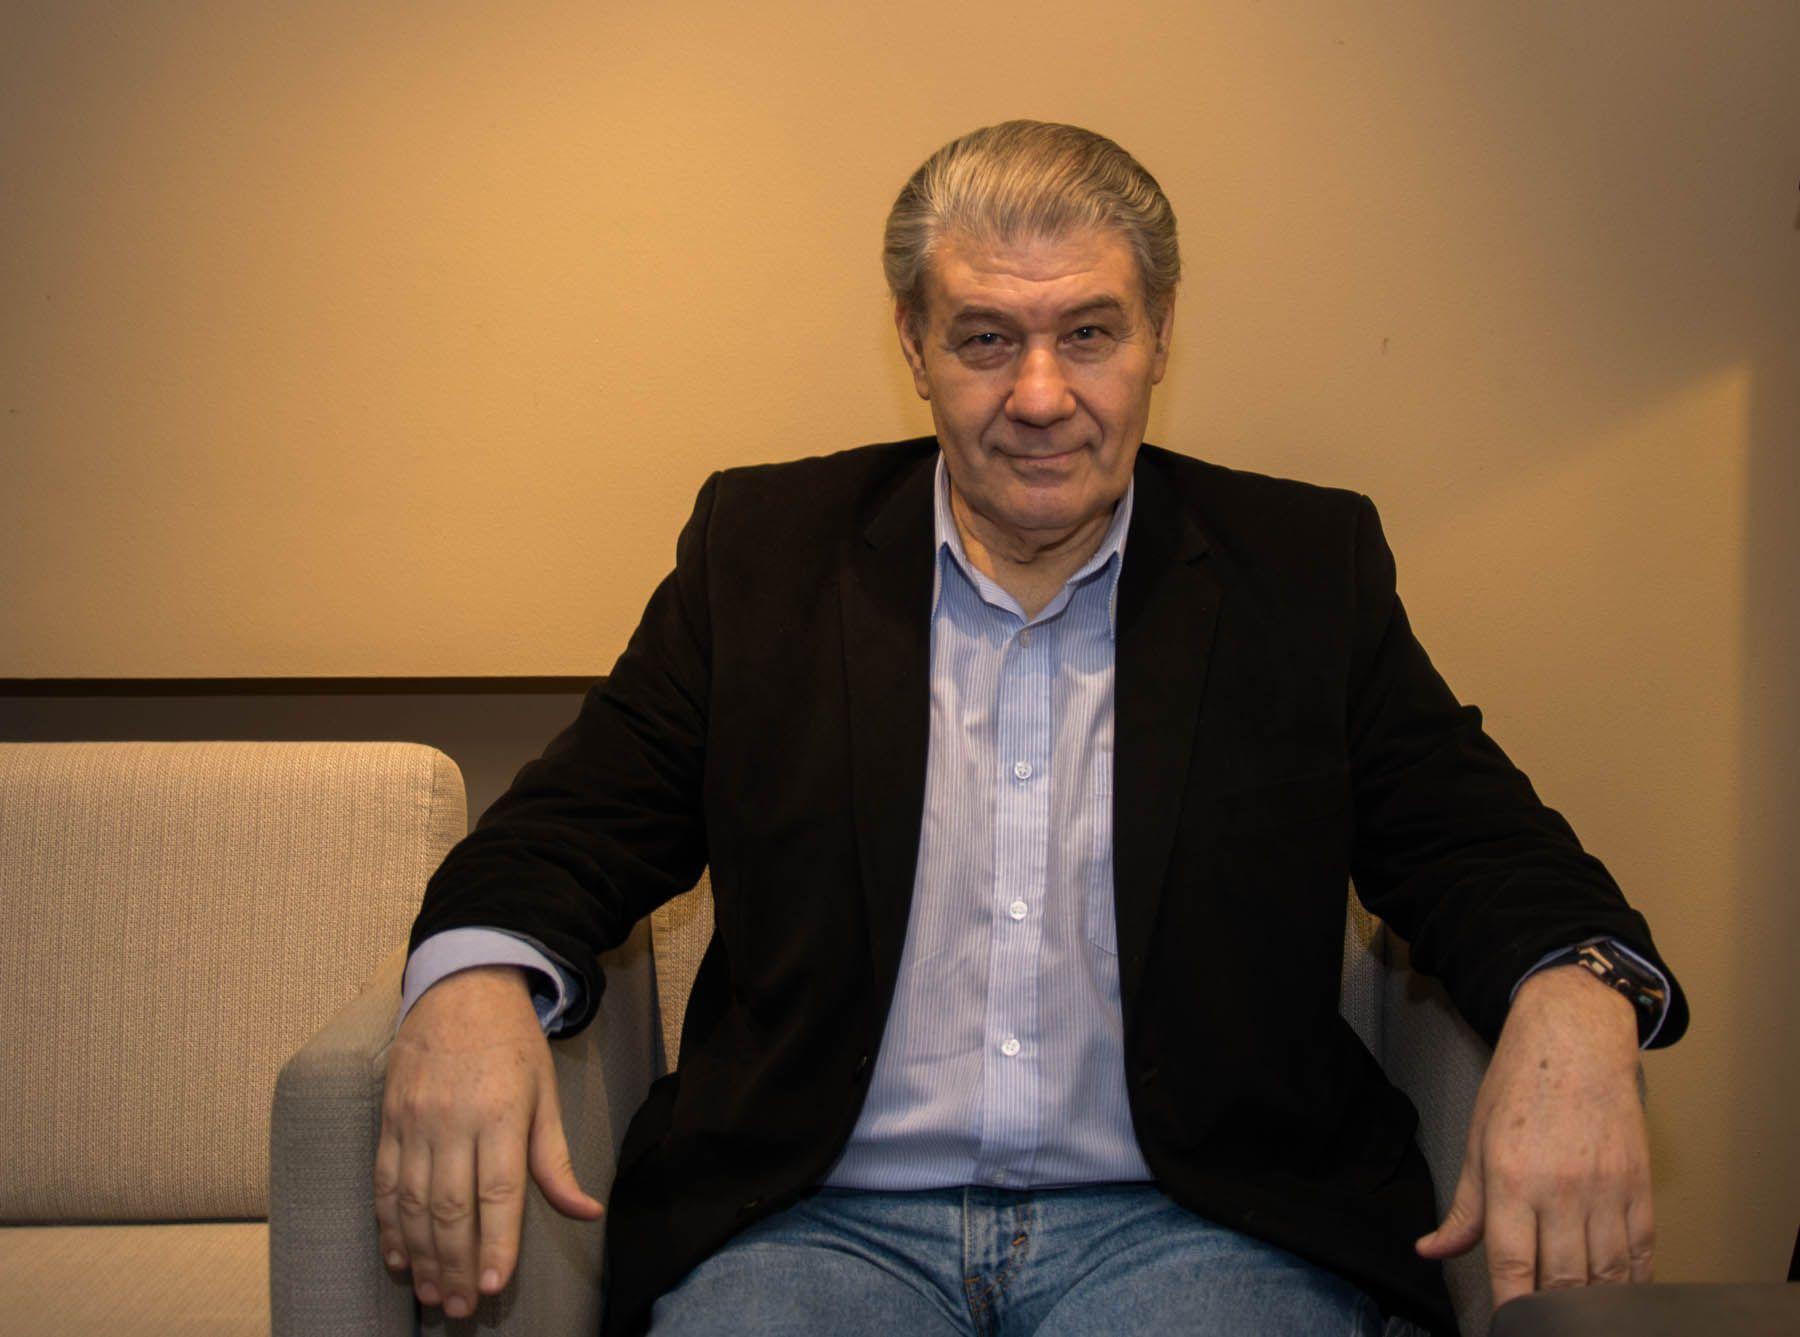 Víctor Hugo Morales y su encuentro con su imitador